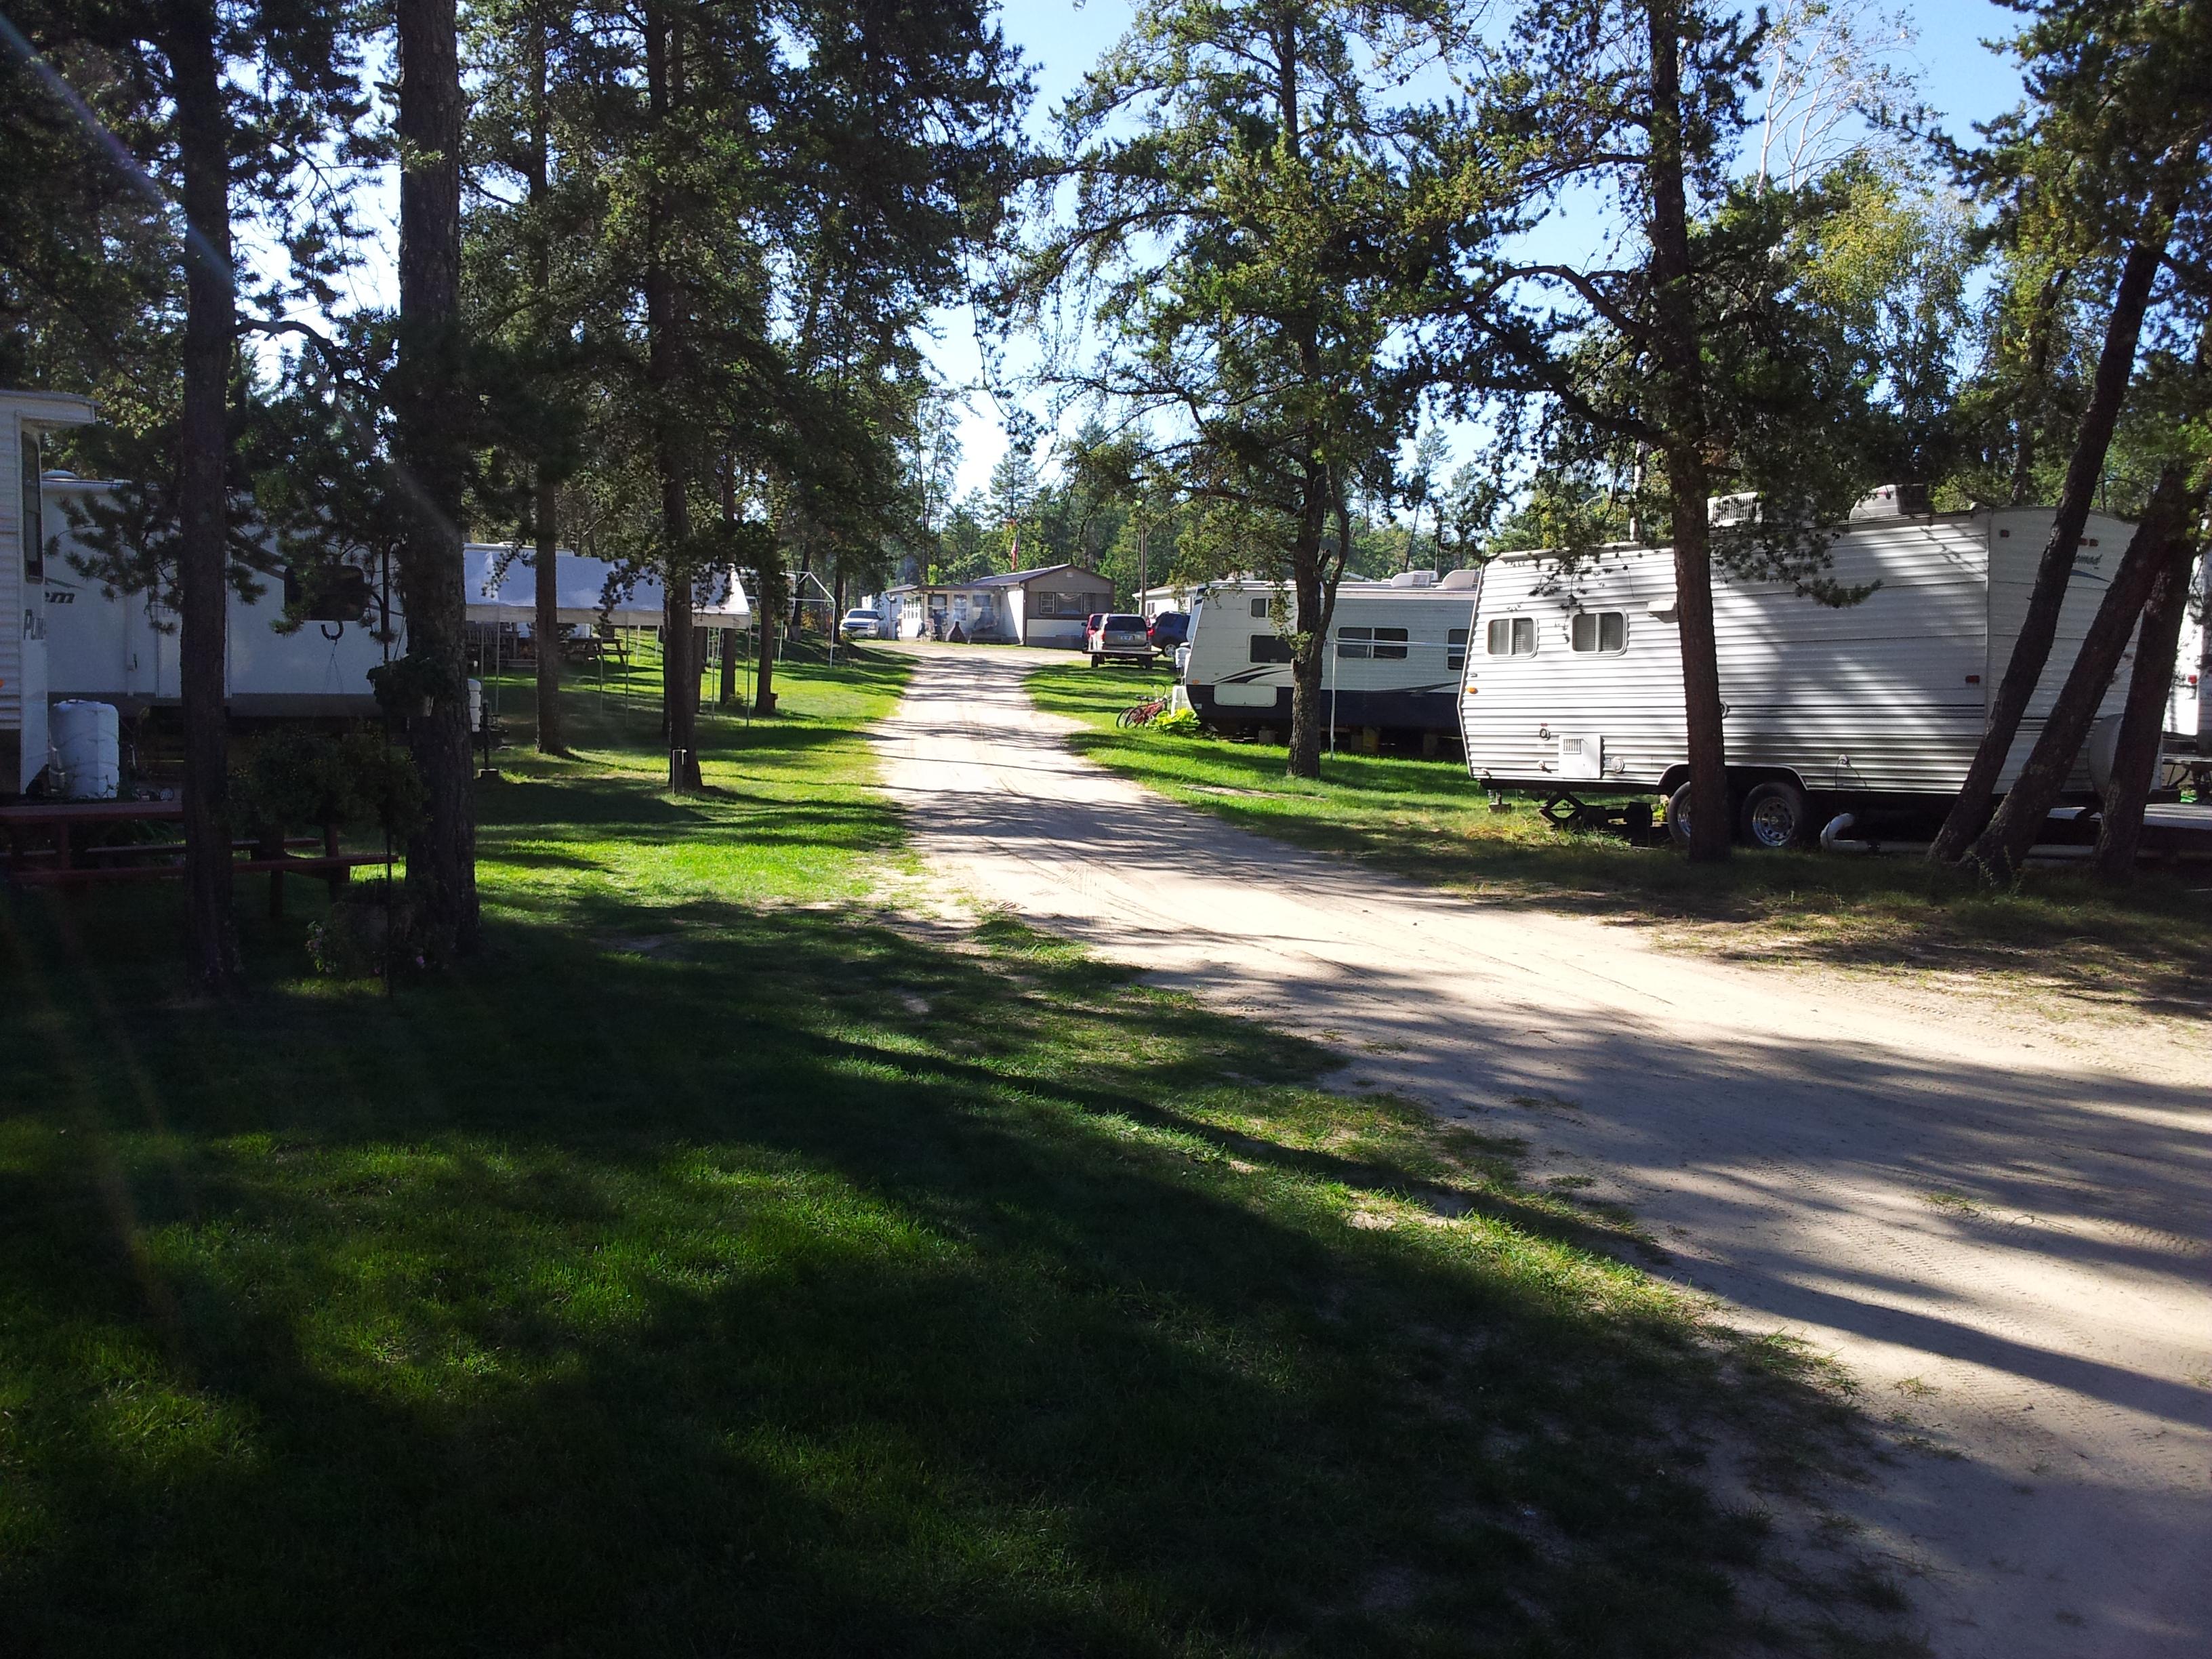 Cass Lake Rv Parks Reviews And Photos Rvparking Com